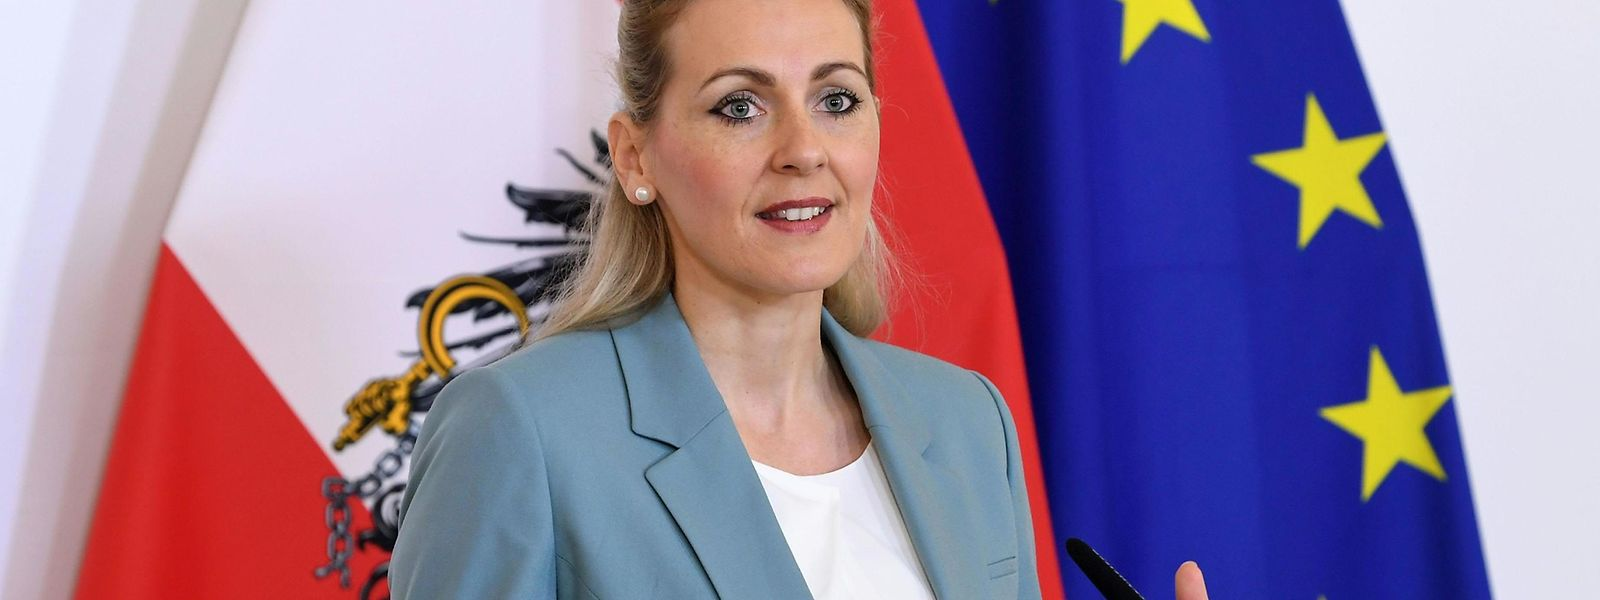 Arbeitsministerin Christine Aschbacher (ÖVP) ist das erste österreichische Regierungsmitglied unter Schwarz-Grün, das zurücktreten muss.